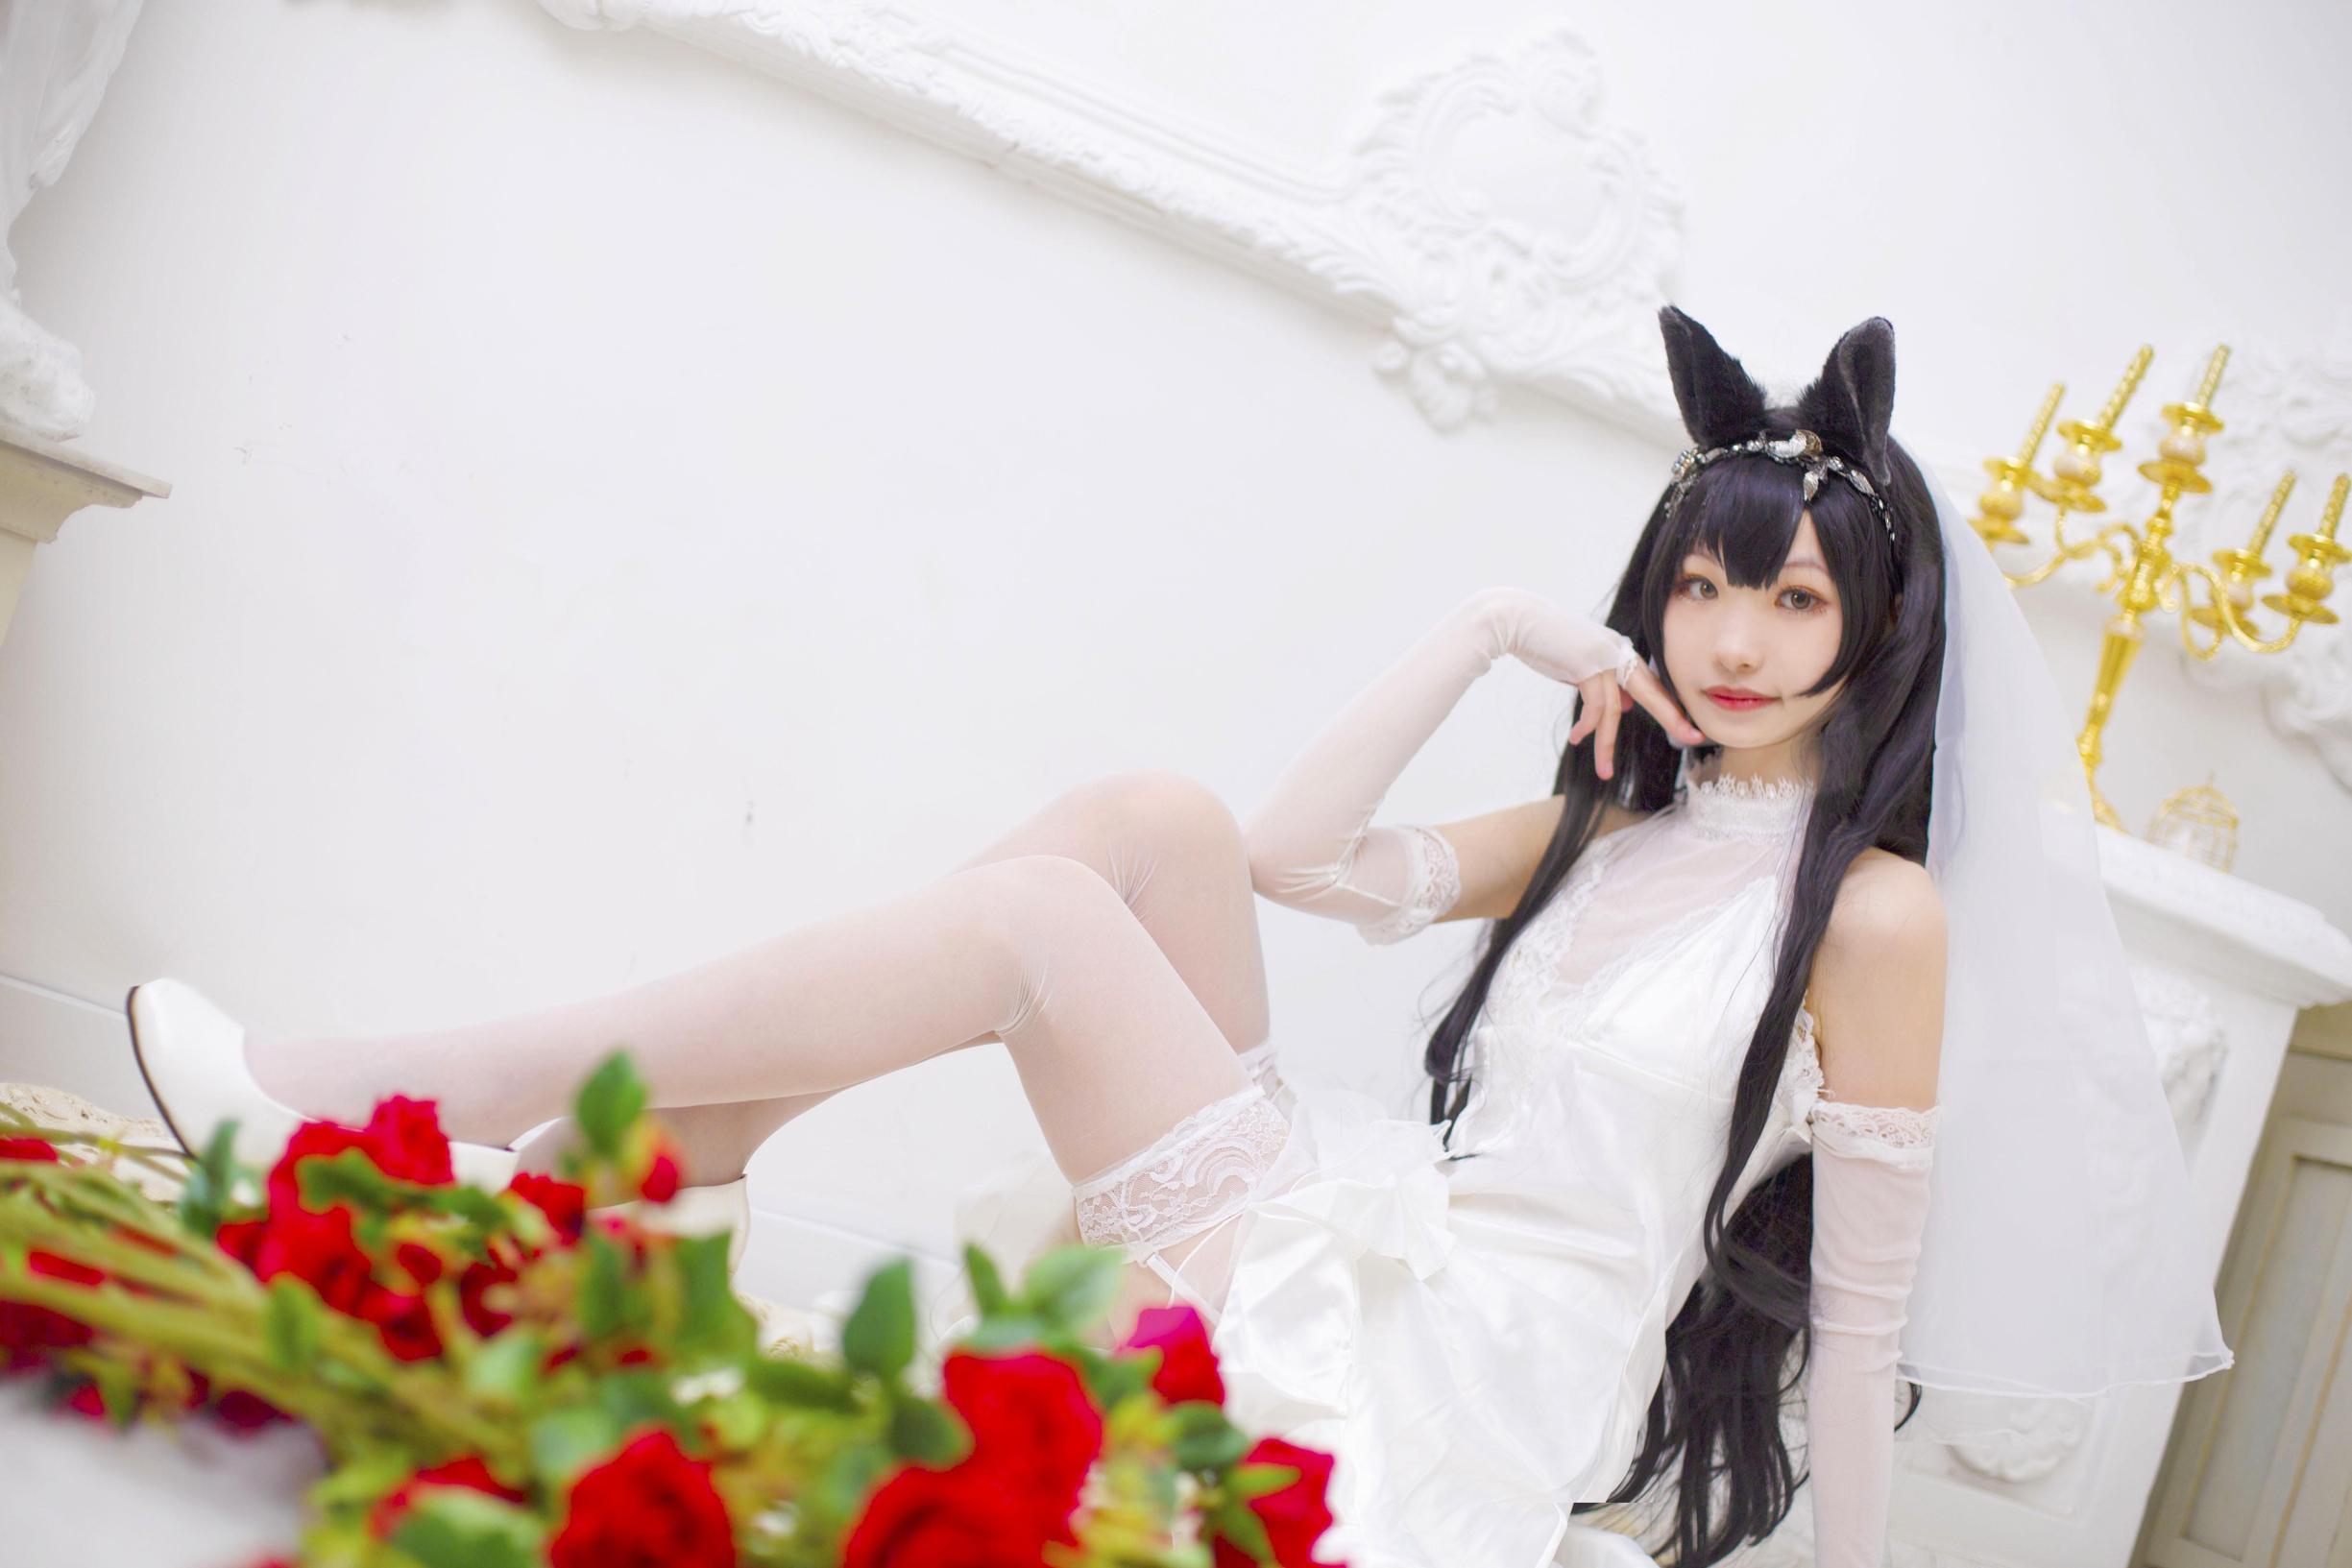 《碧蓝航线》正片cosplay【CN:宇宙不明蓝樱音w】-第27张